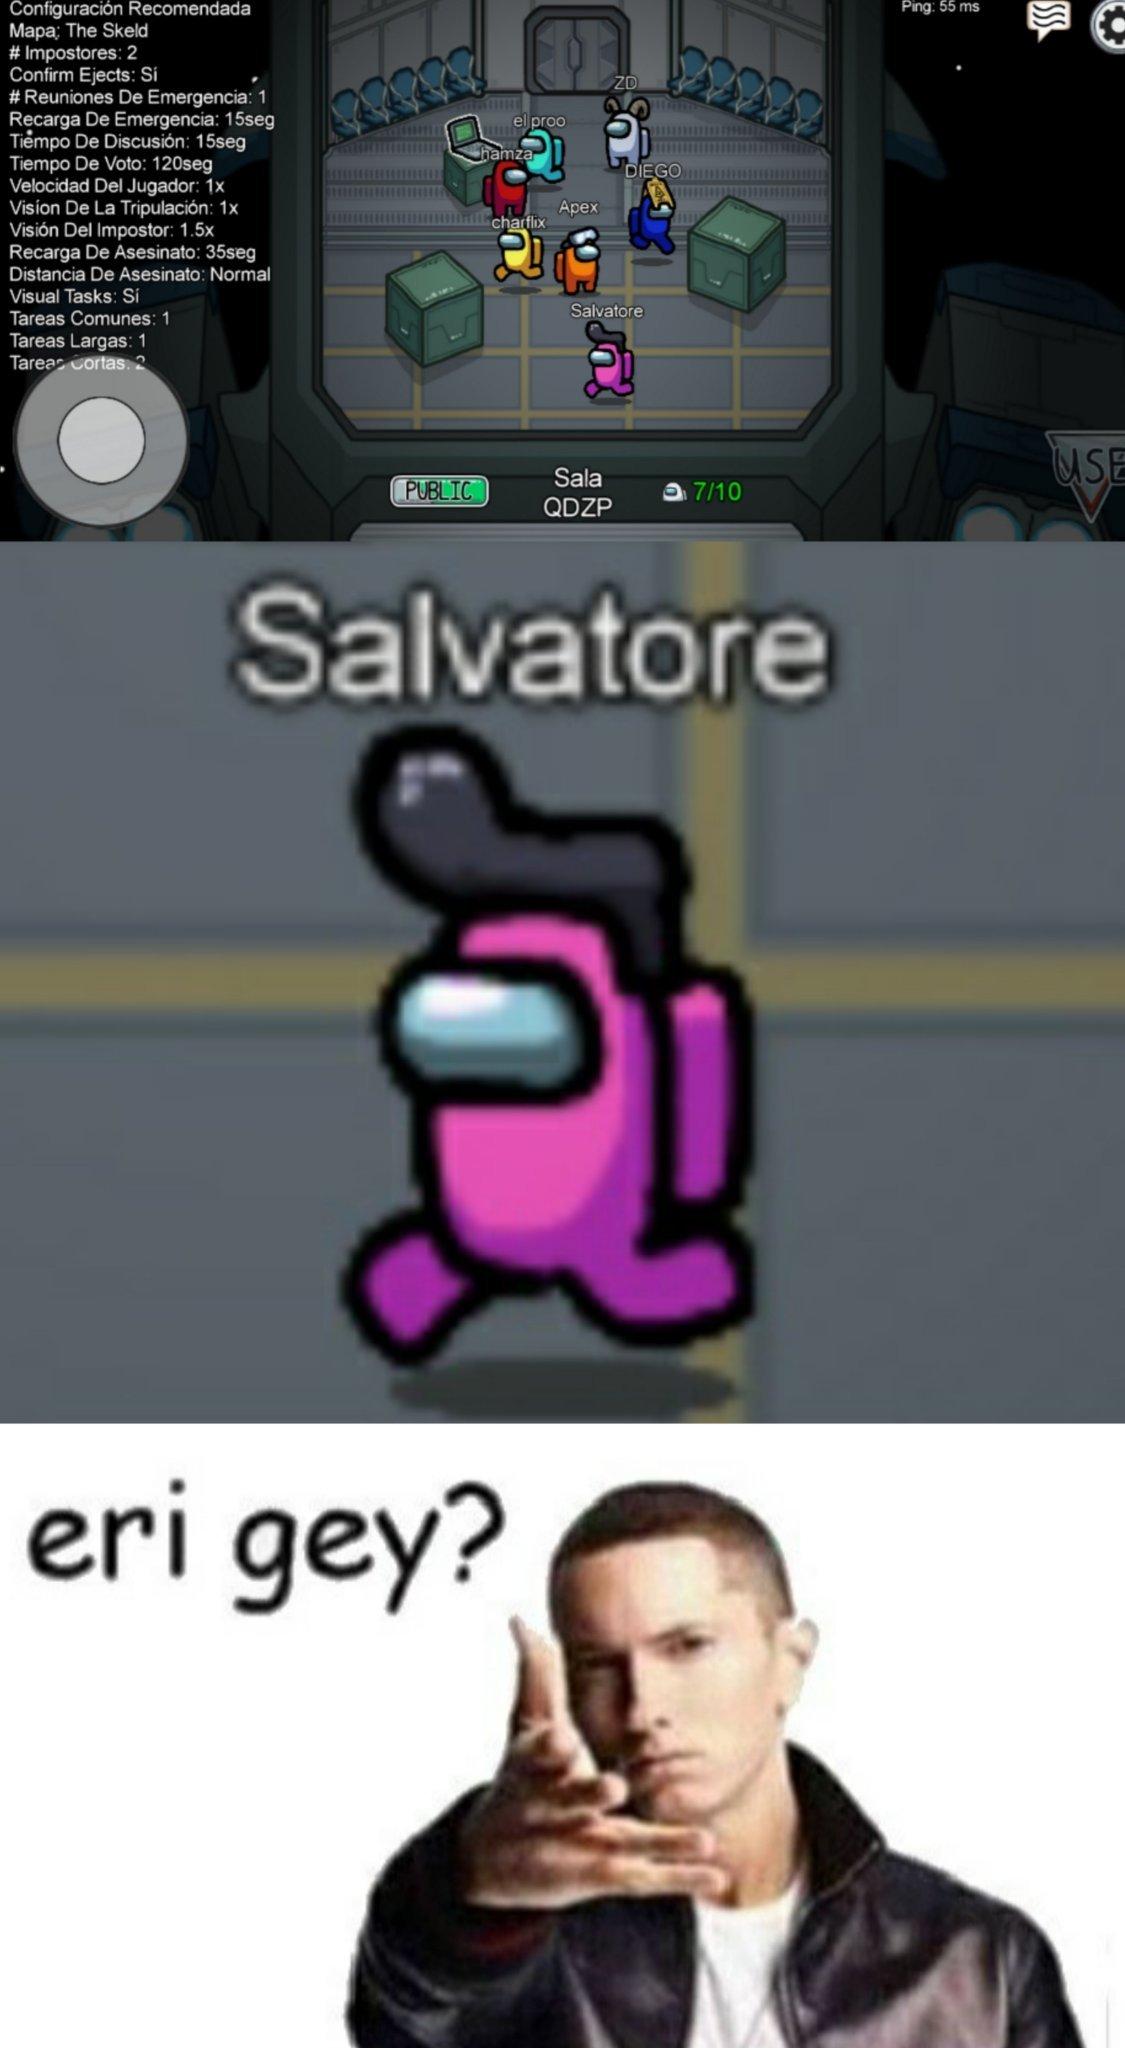 Eri gey? - meme